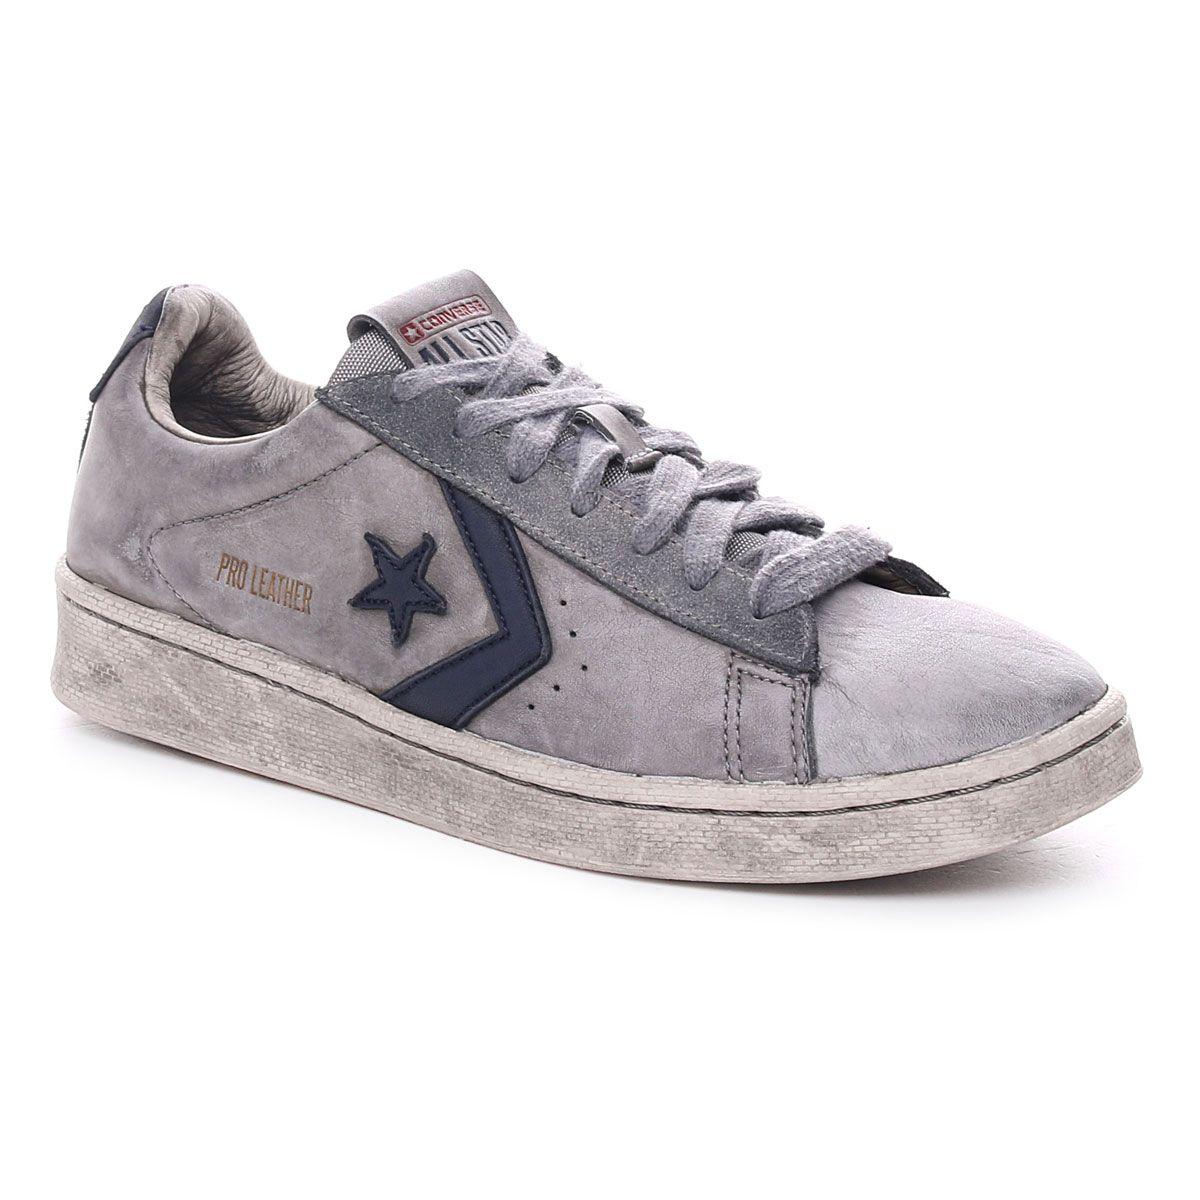 Converse Pro Leather Og Limited Uomo Bianco Blu